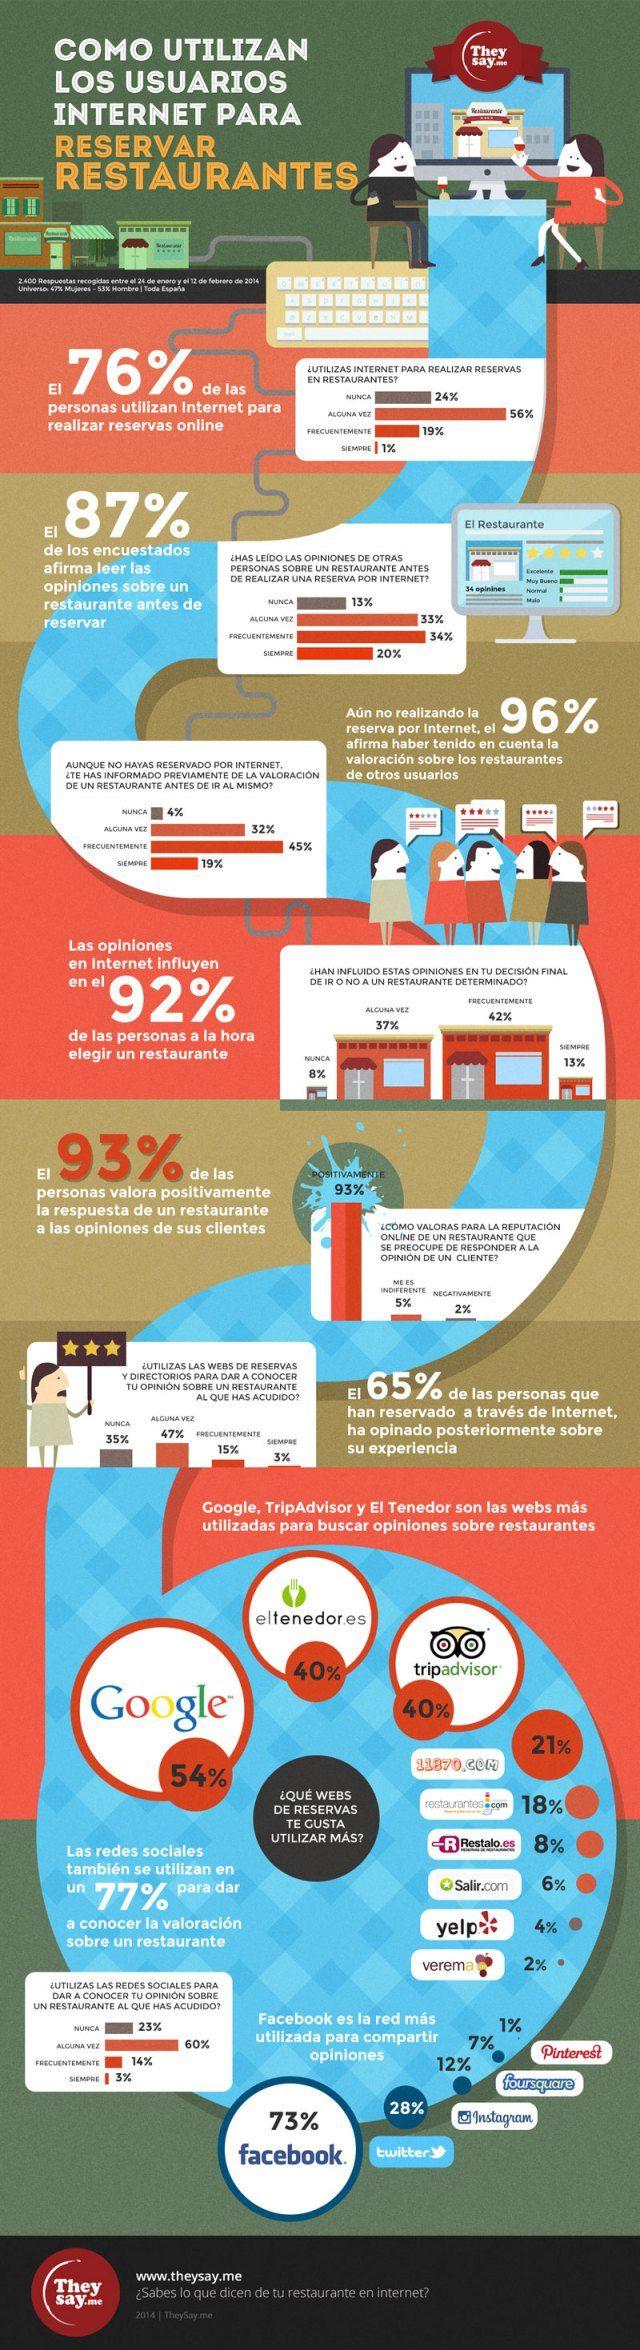 Cómo usamos Internet para reservar restaurantes #infografia #infographic #tourism